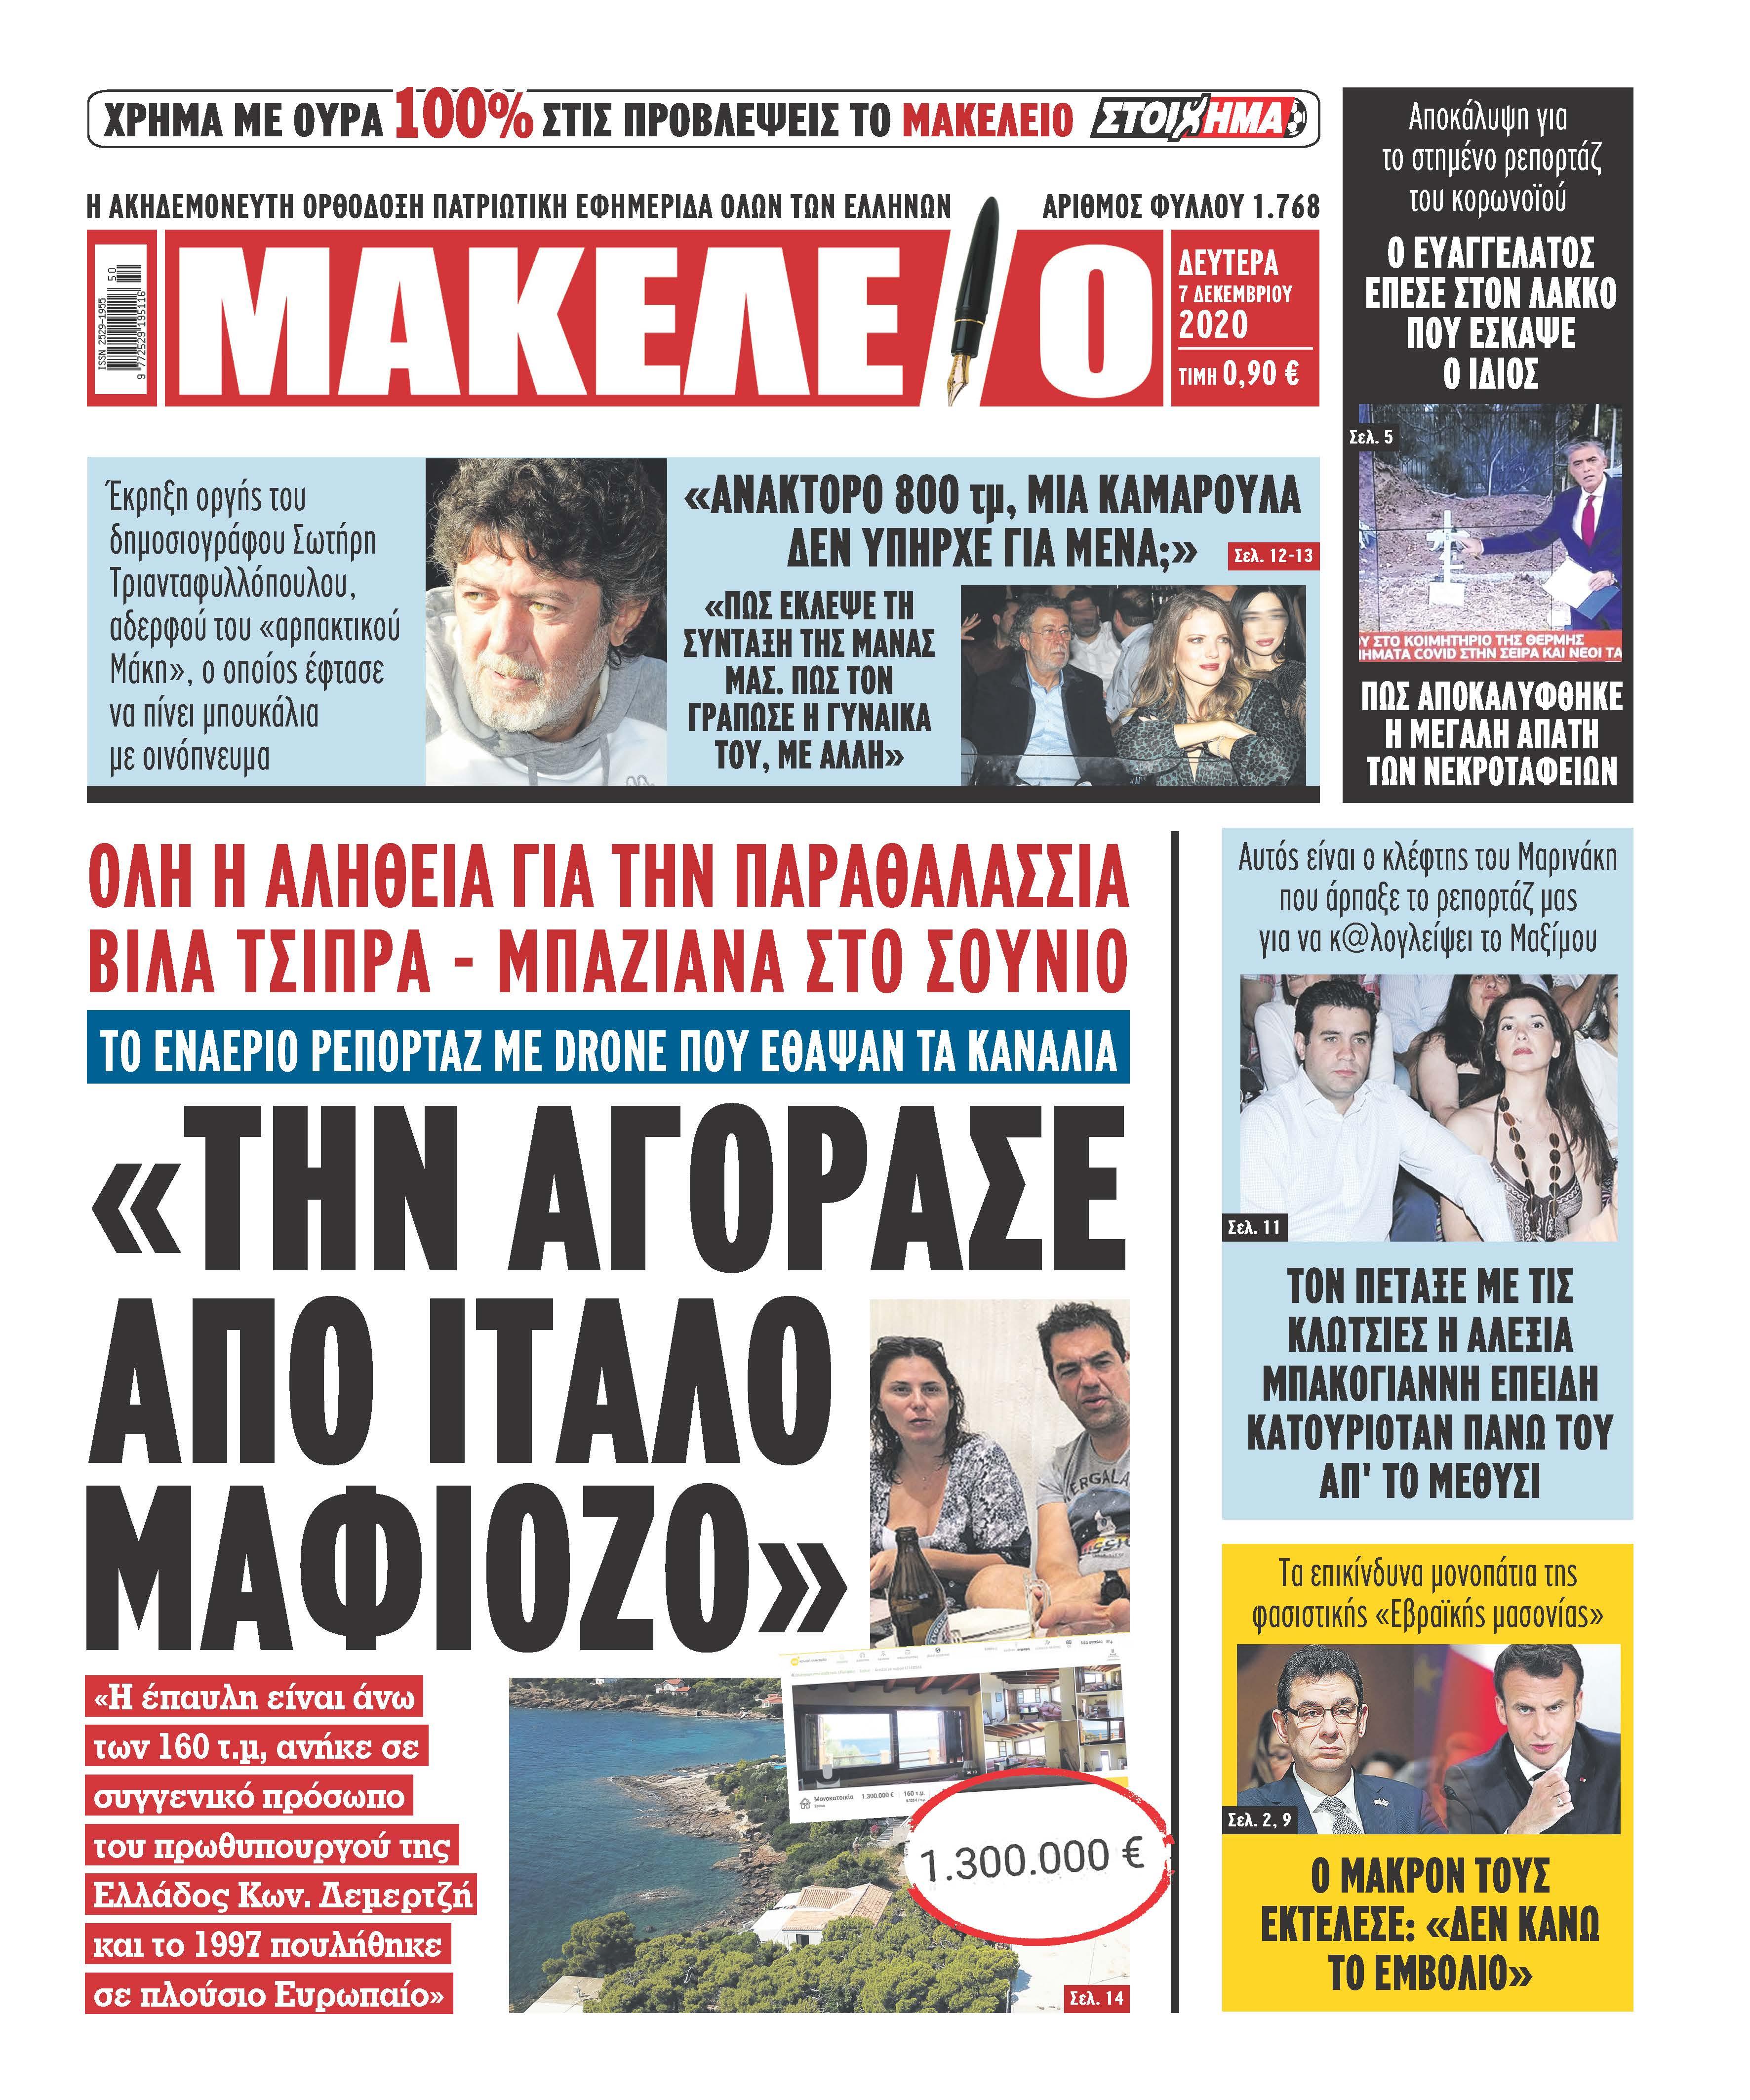 makeleio 01 07-12-2020 (1)